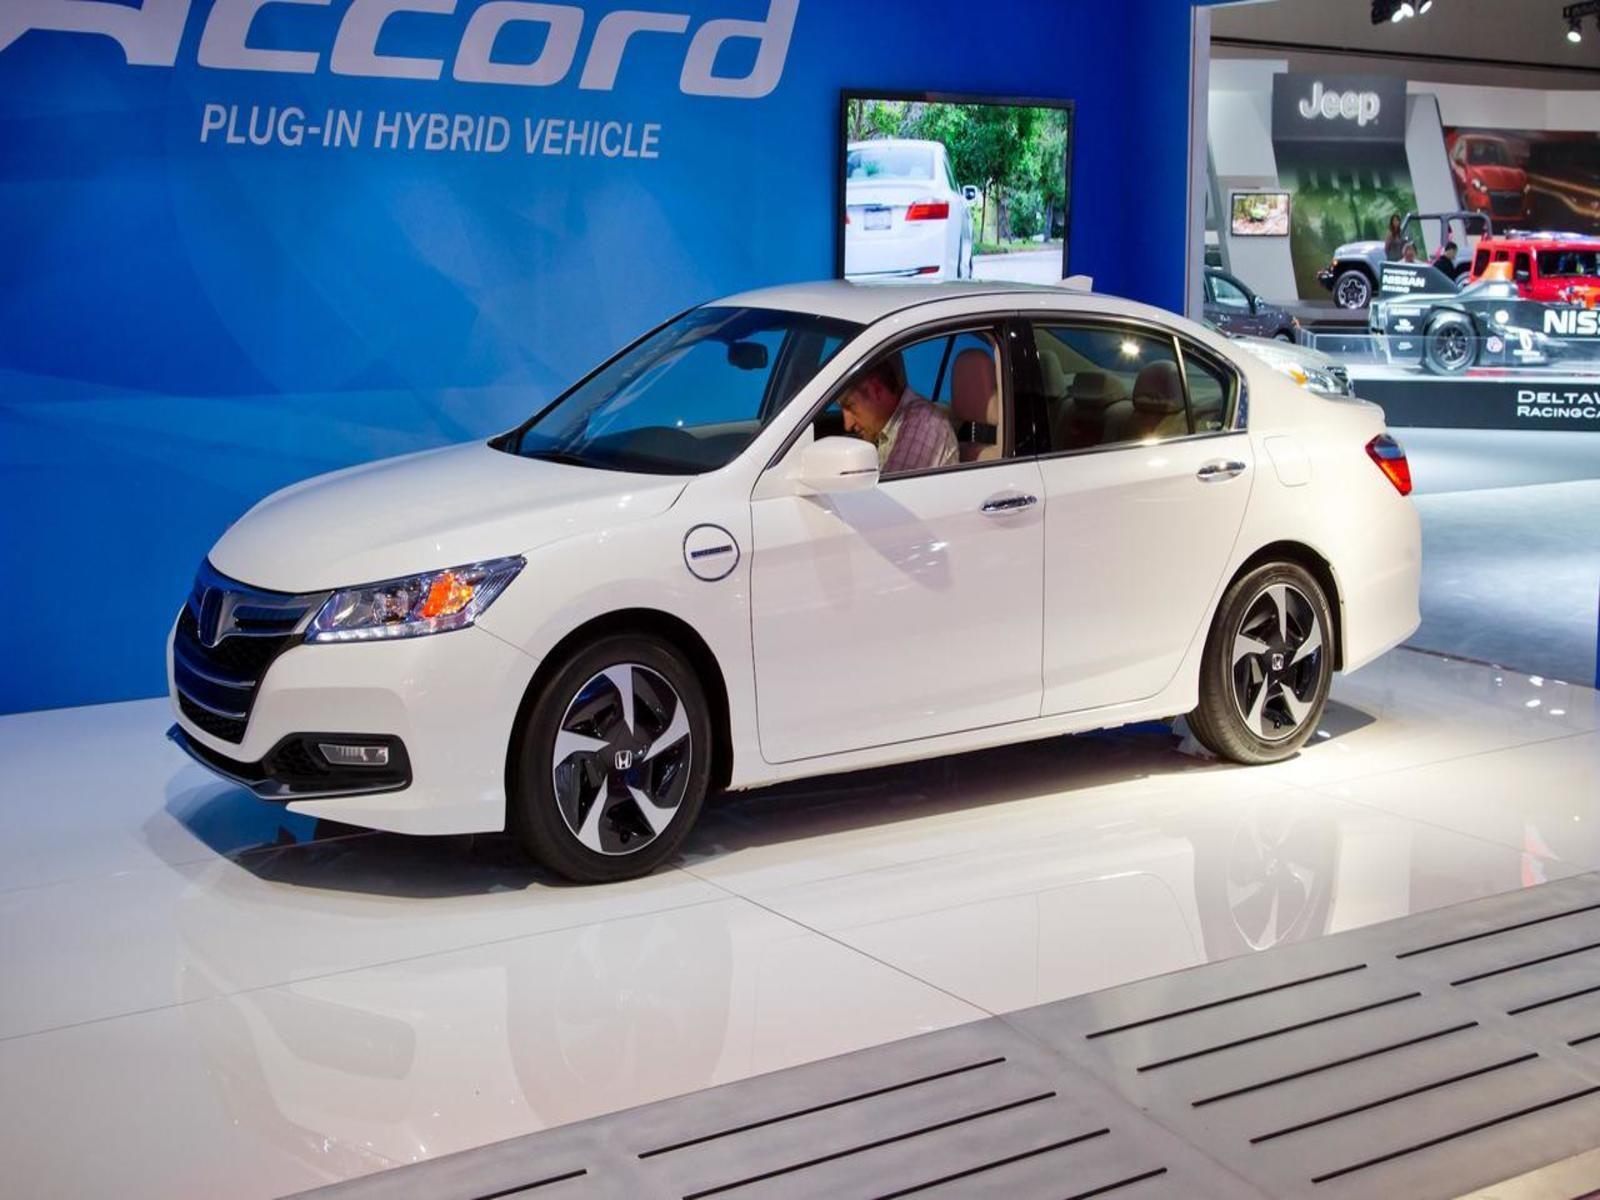 Luxury Honda Accord India Price in 2020 Honda accord